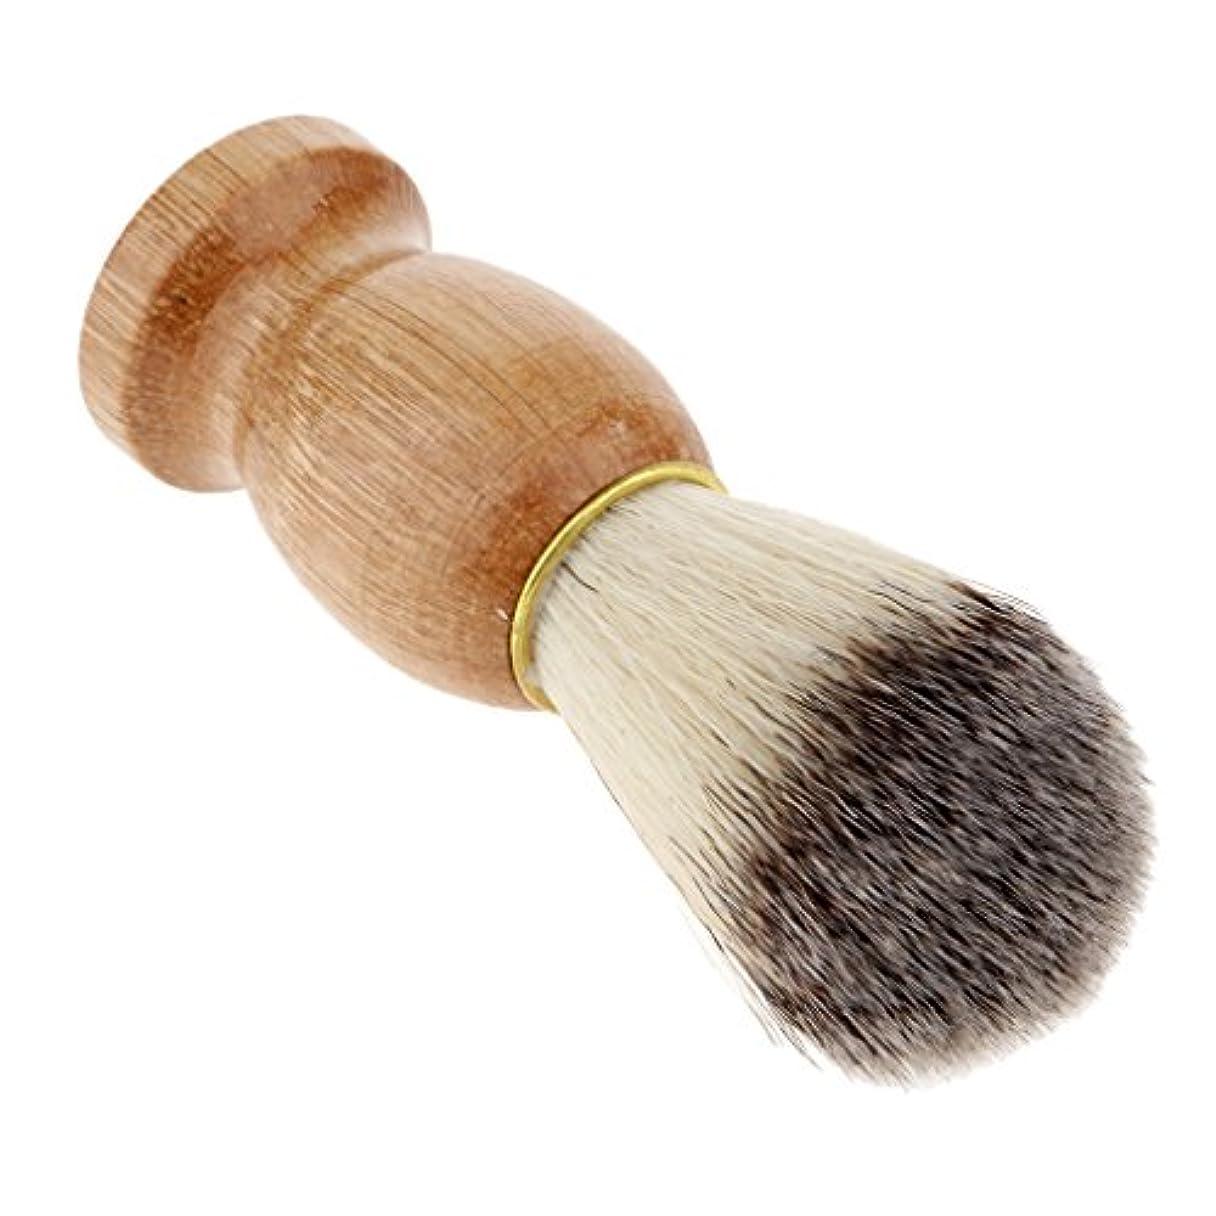 開始の頭の上ステージ人のための専門の木製の剃るブラシ、良質の木の剃毛用具